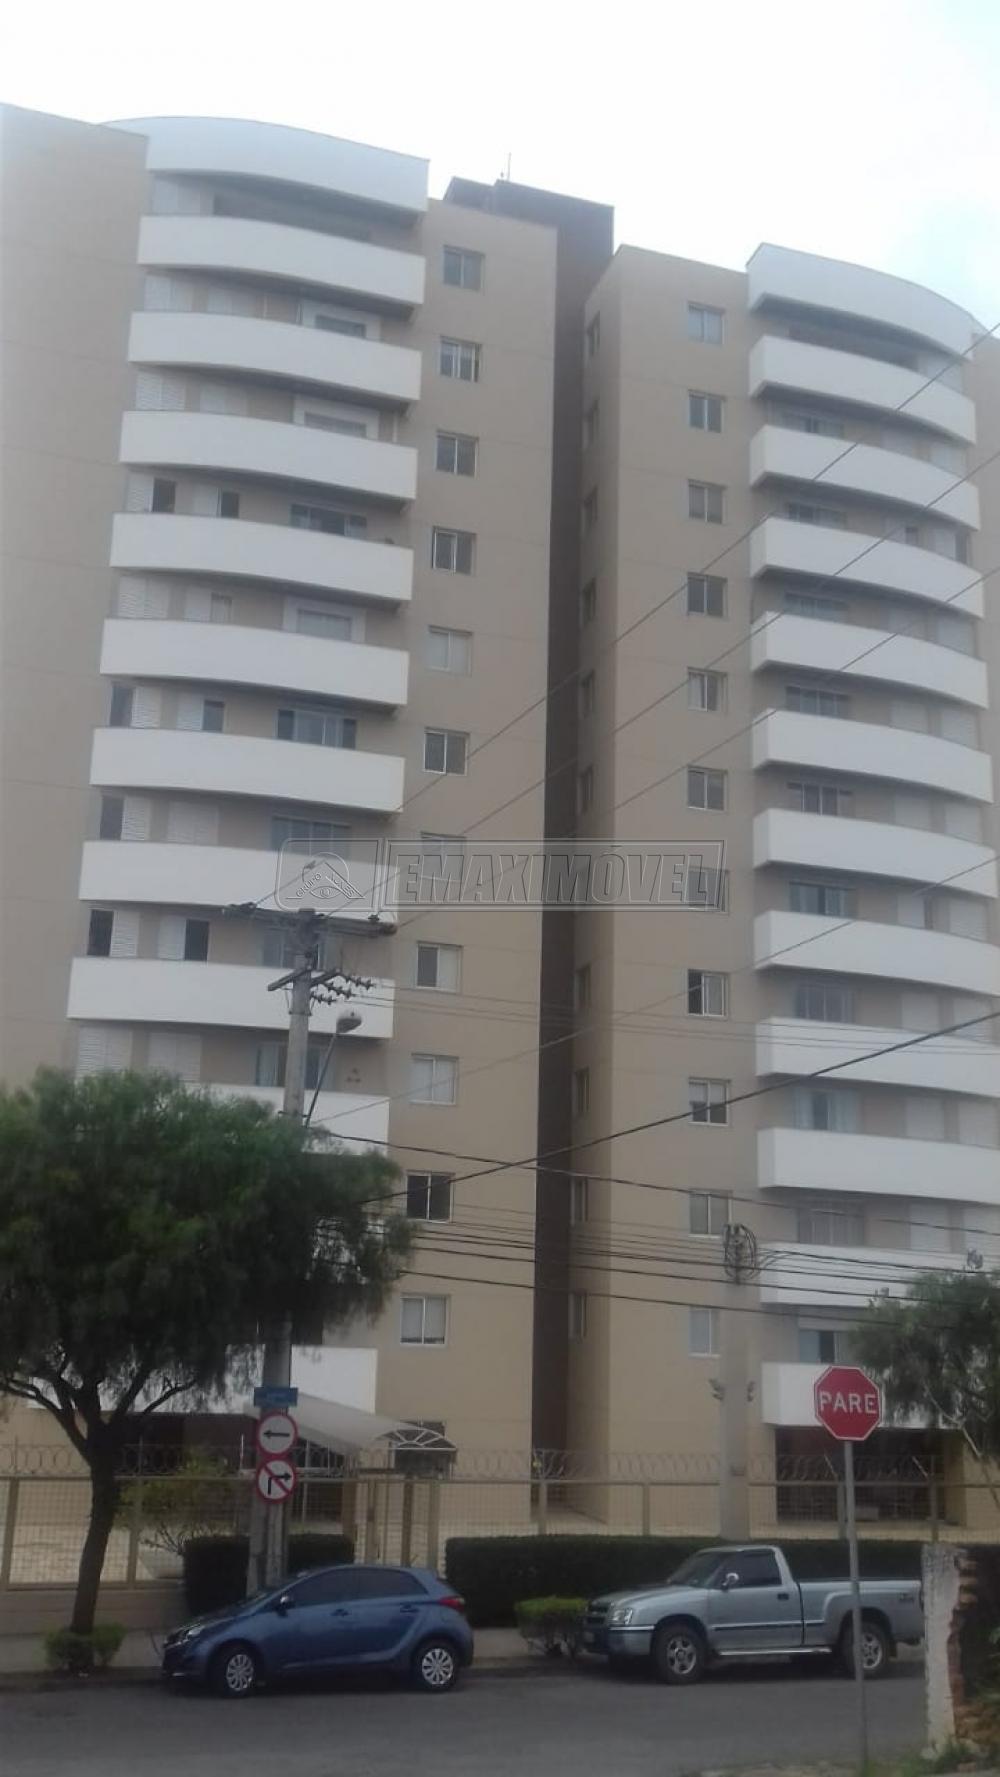 Comprar Apartamentos / Apto Padrão em Sorocaba apenas R$ 560.000,00 - Foto 1